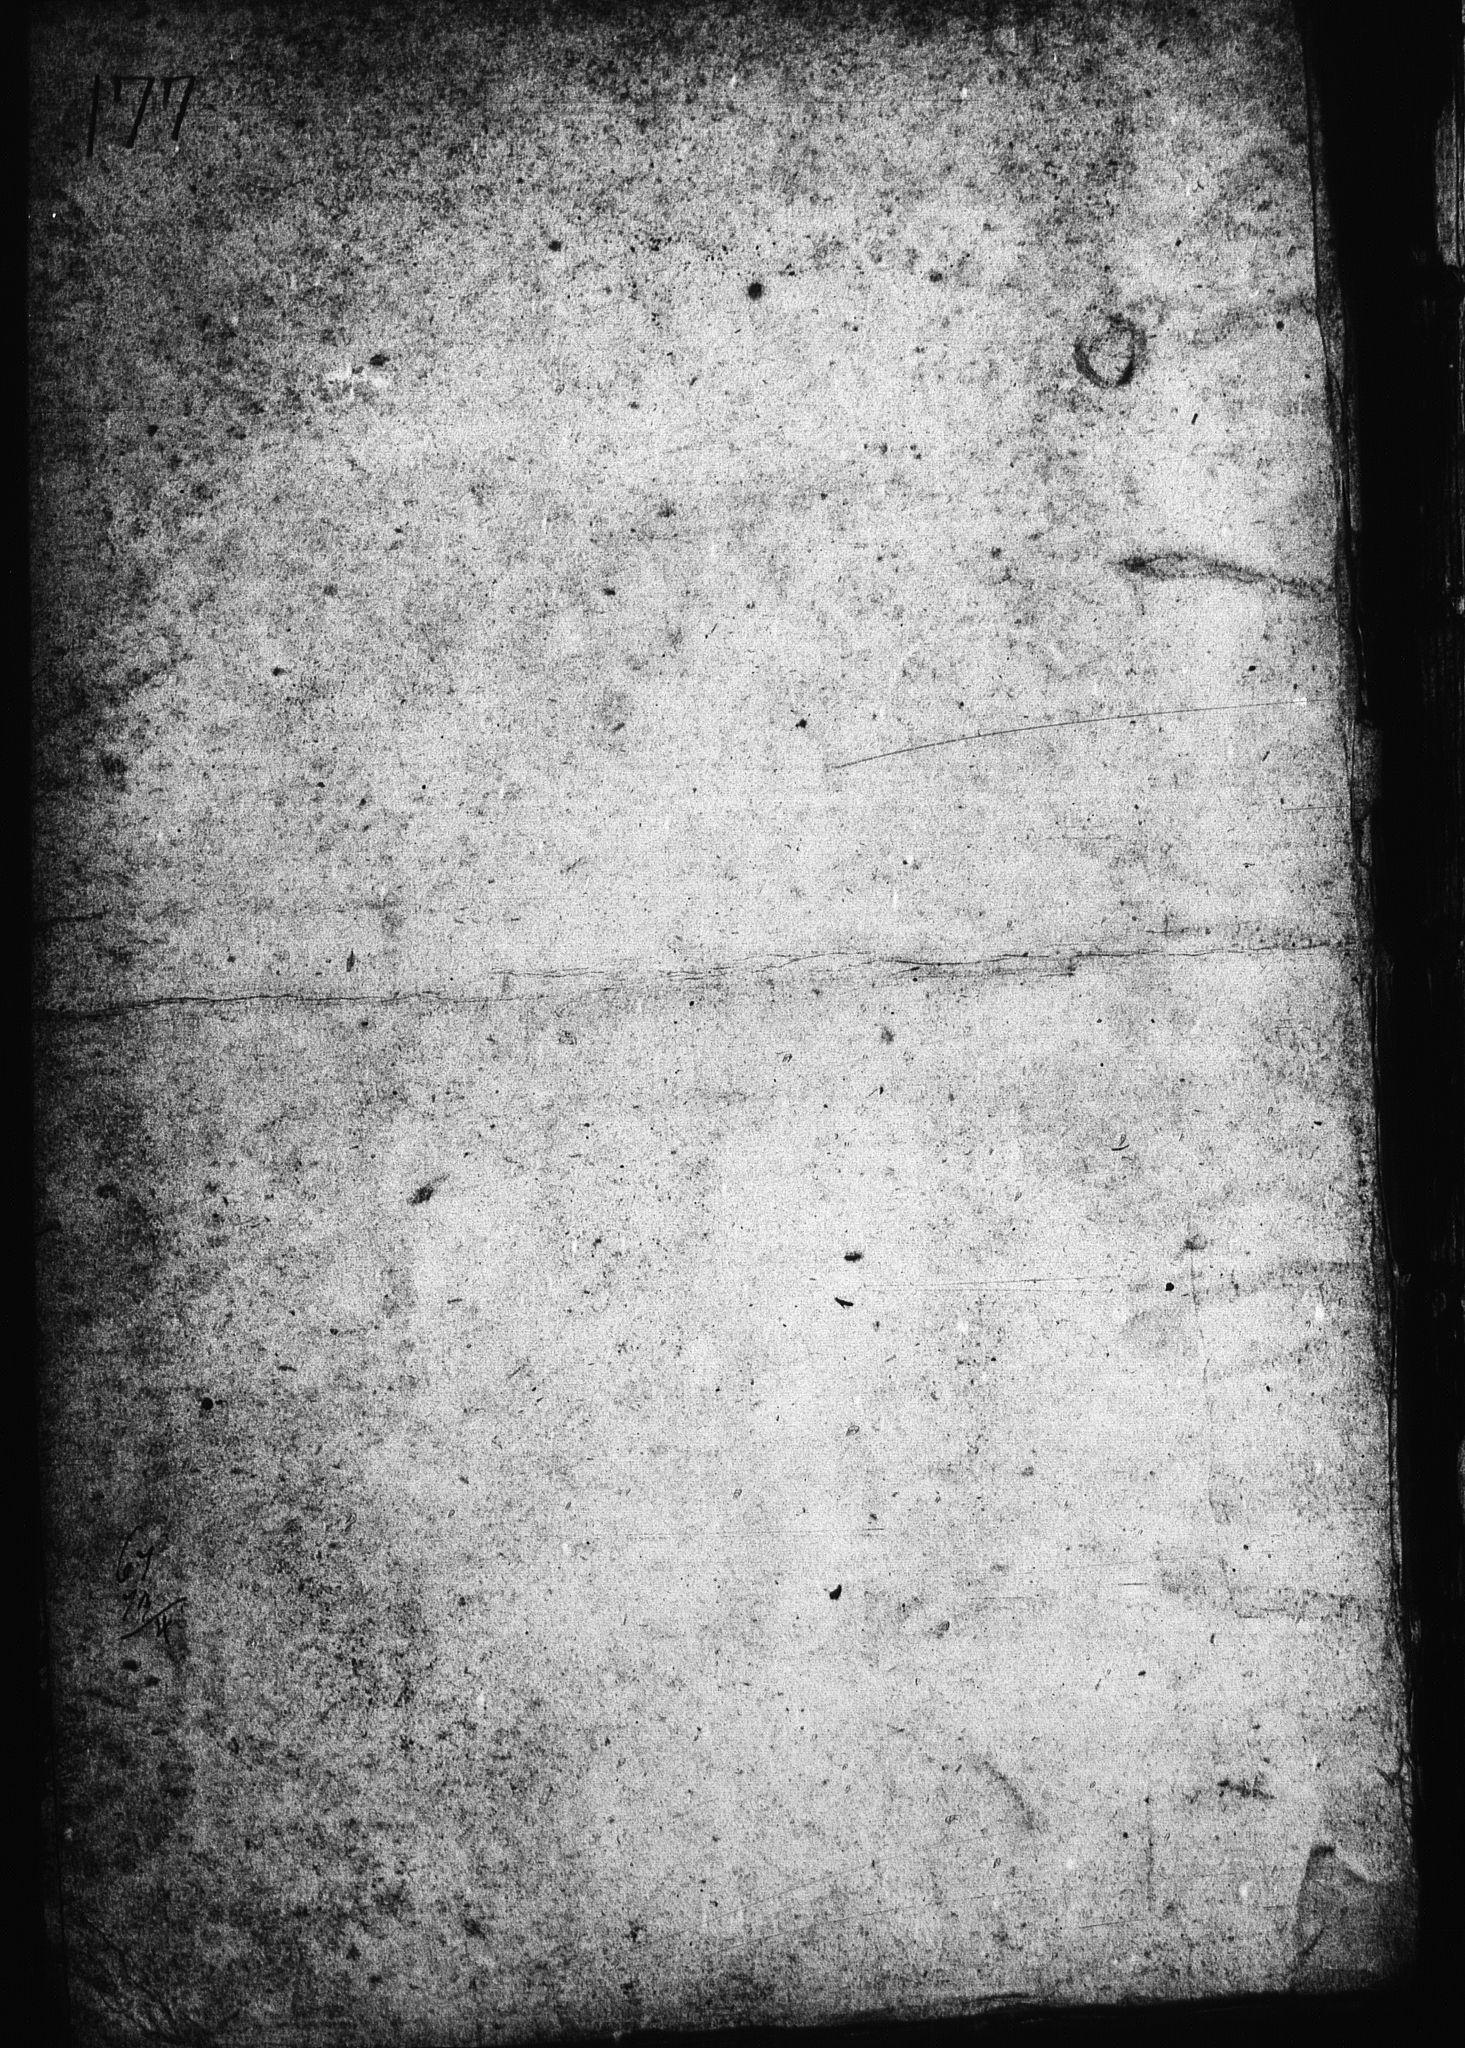 RA, Sjøetaten, F/L0178: Fredrikshalds distrikt, bind 1, 1795